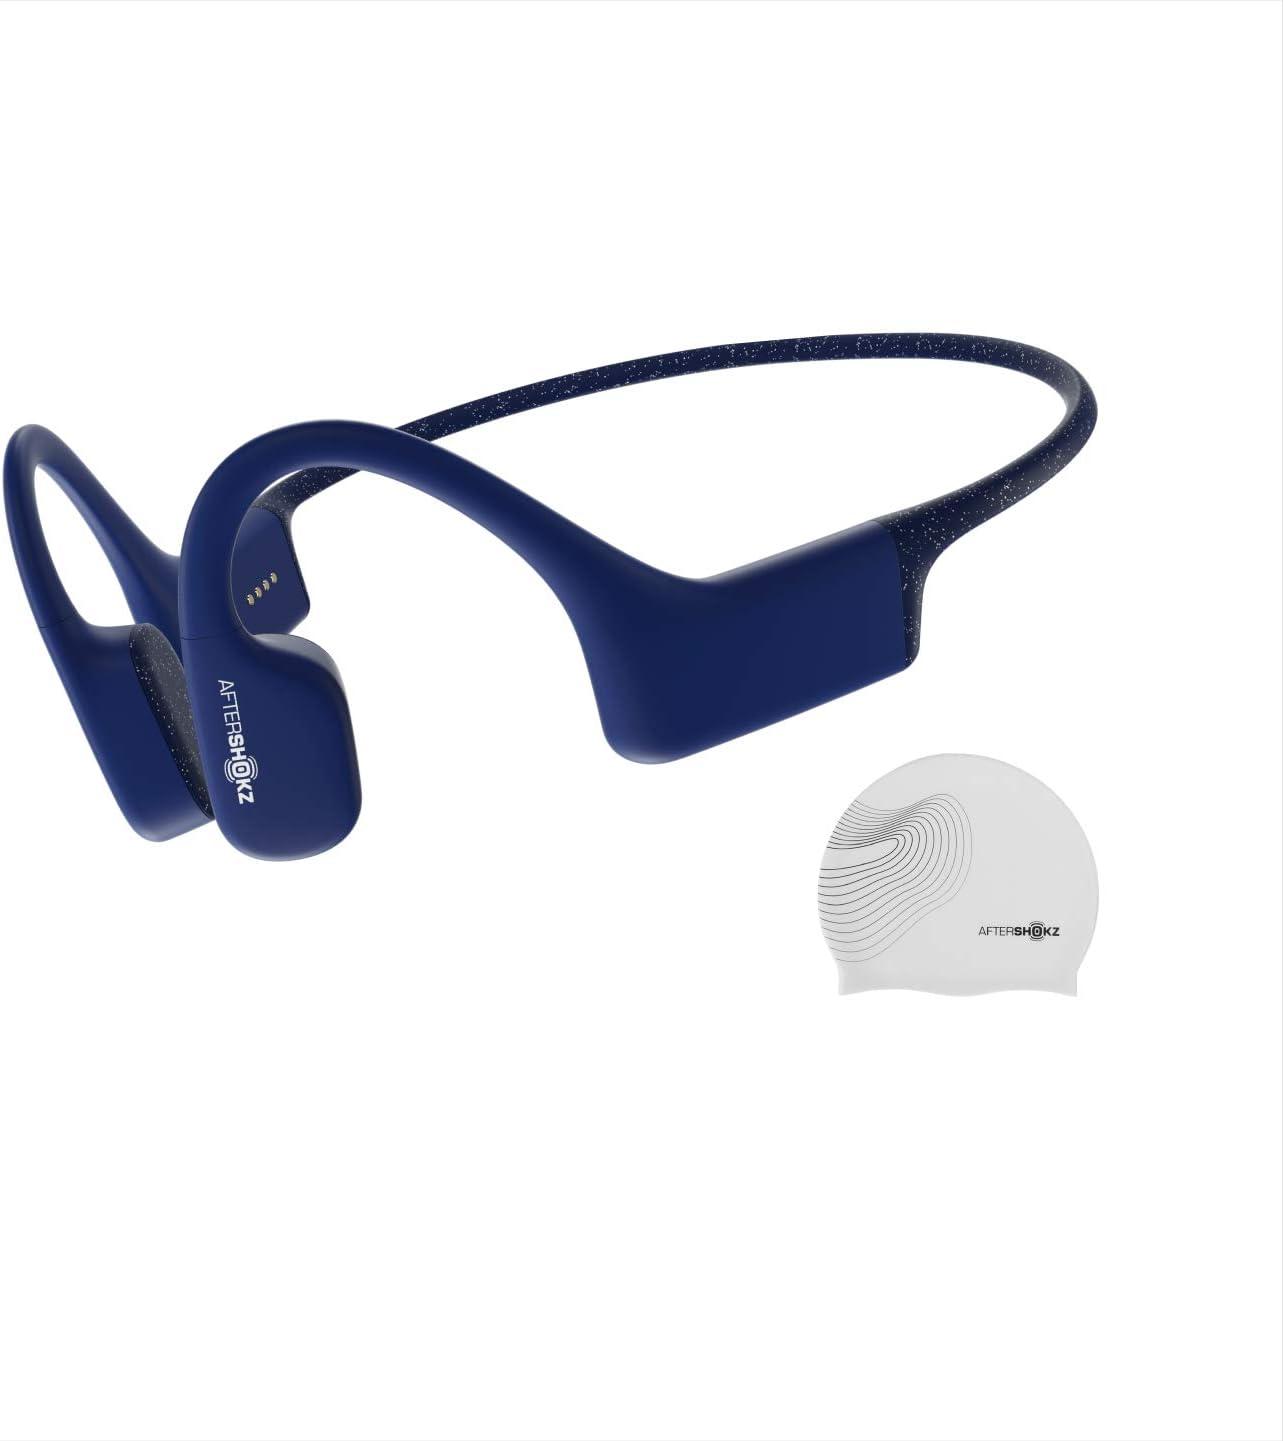 AfterShokz Xtrainerz, Auriculares MP3 de conducción ósea, Ideales para Utilizar en la práctica de la natación, con Memoria de 4GB,Sapphire Blue